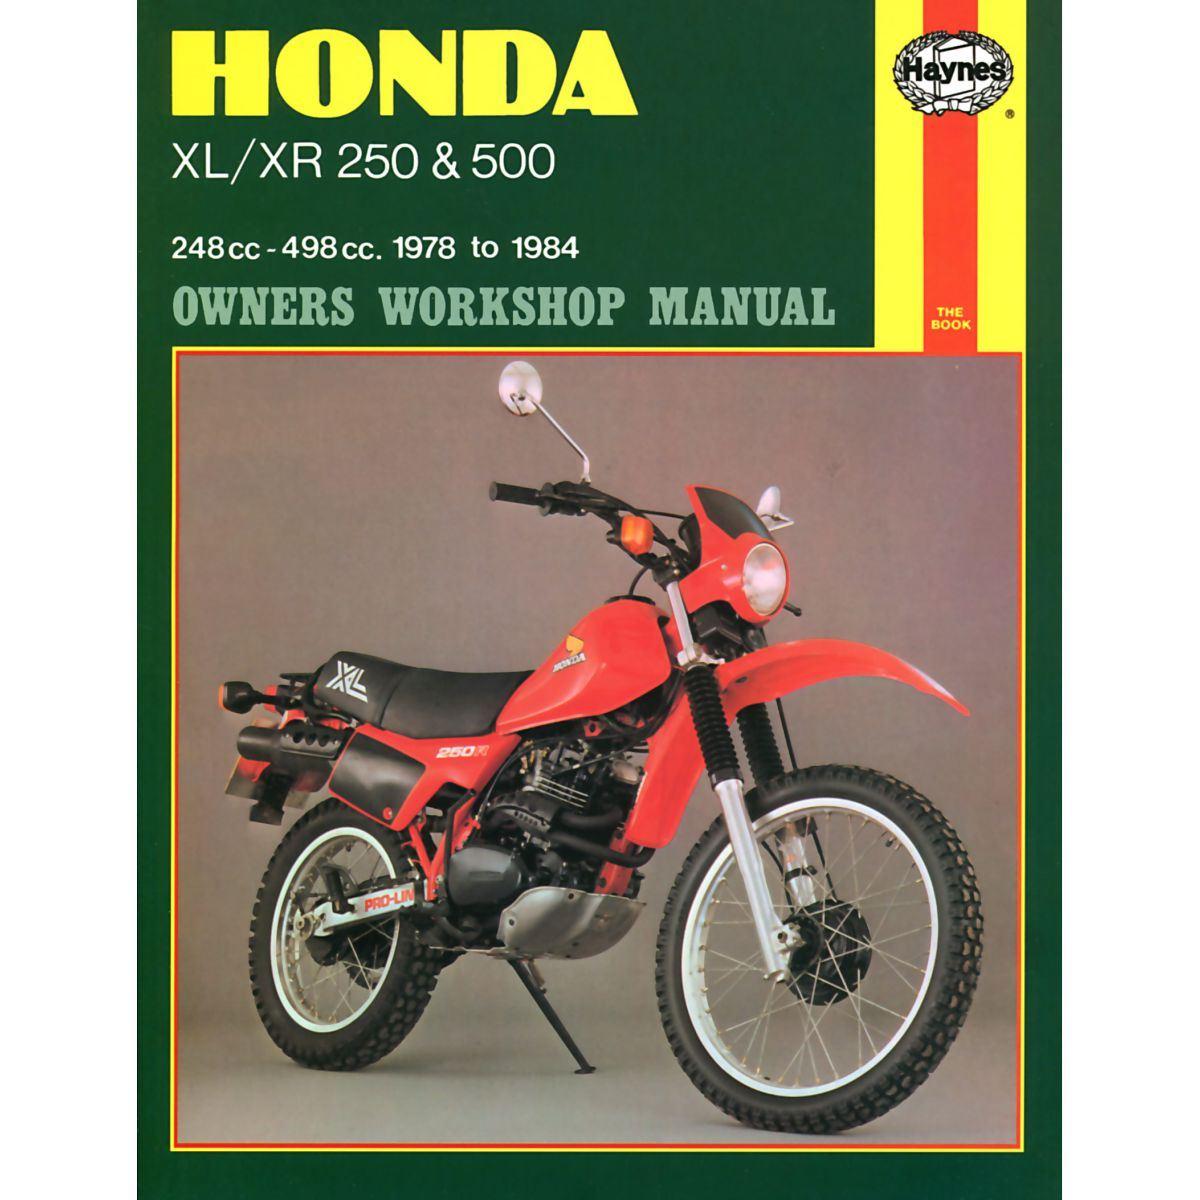 Manual Haynes for 1980 Honda XL 250 SA